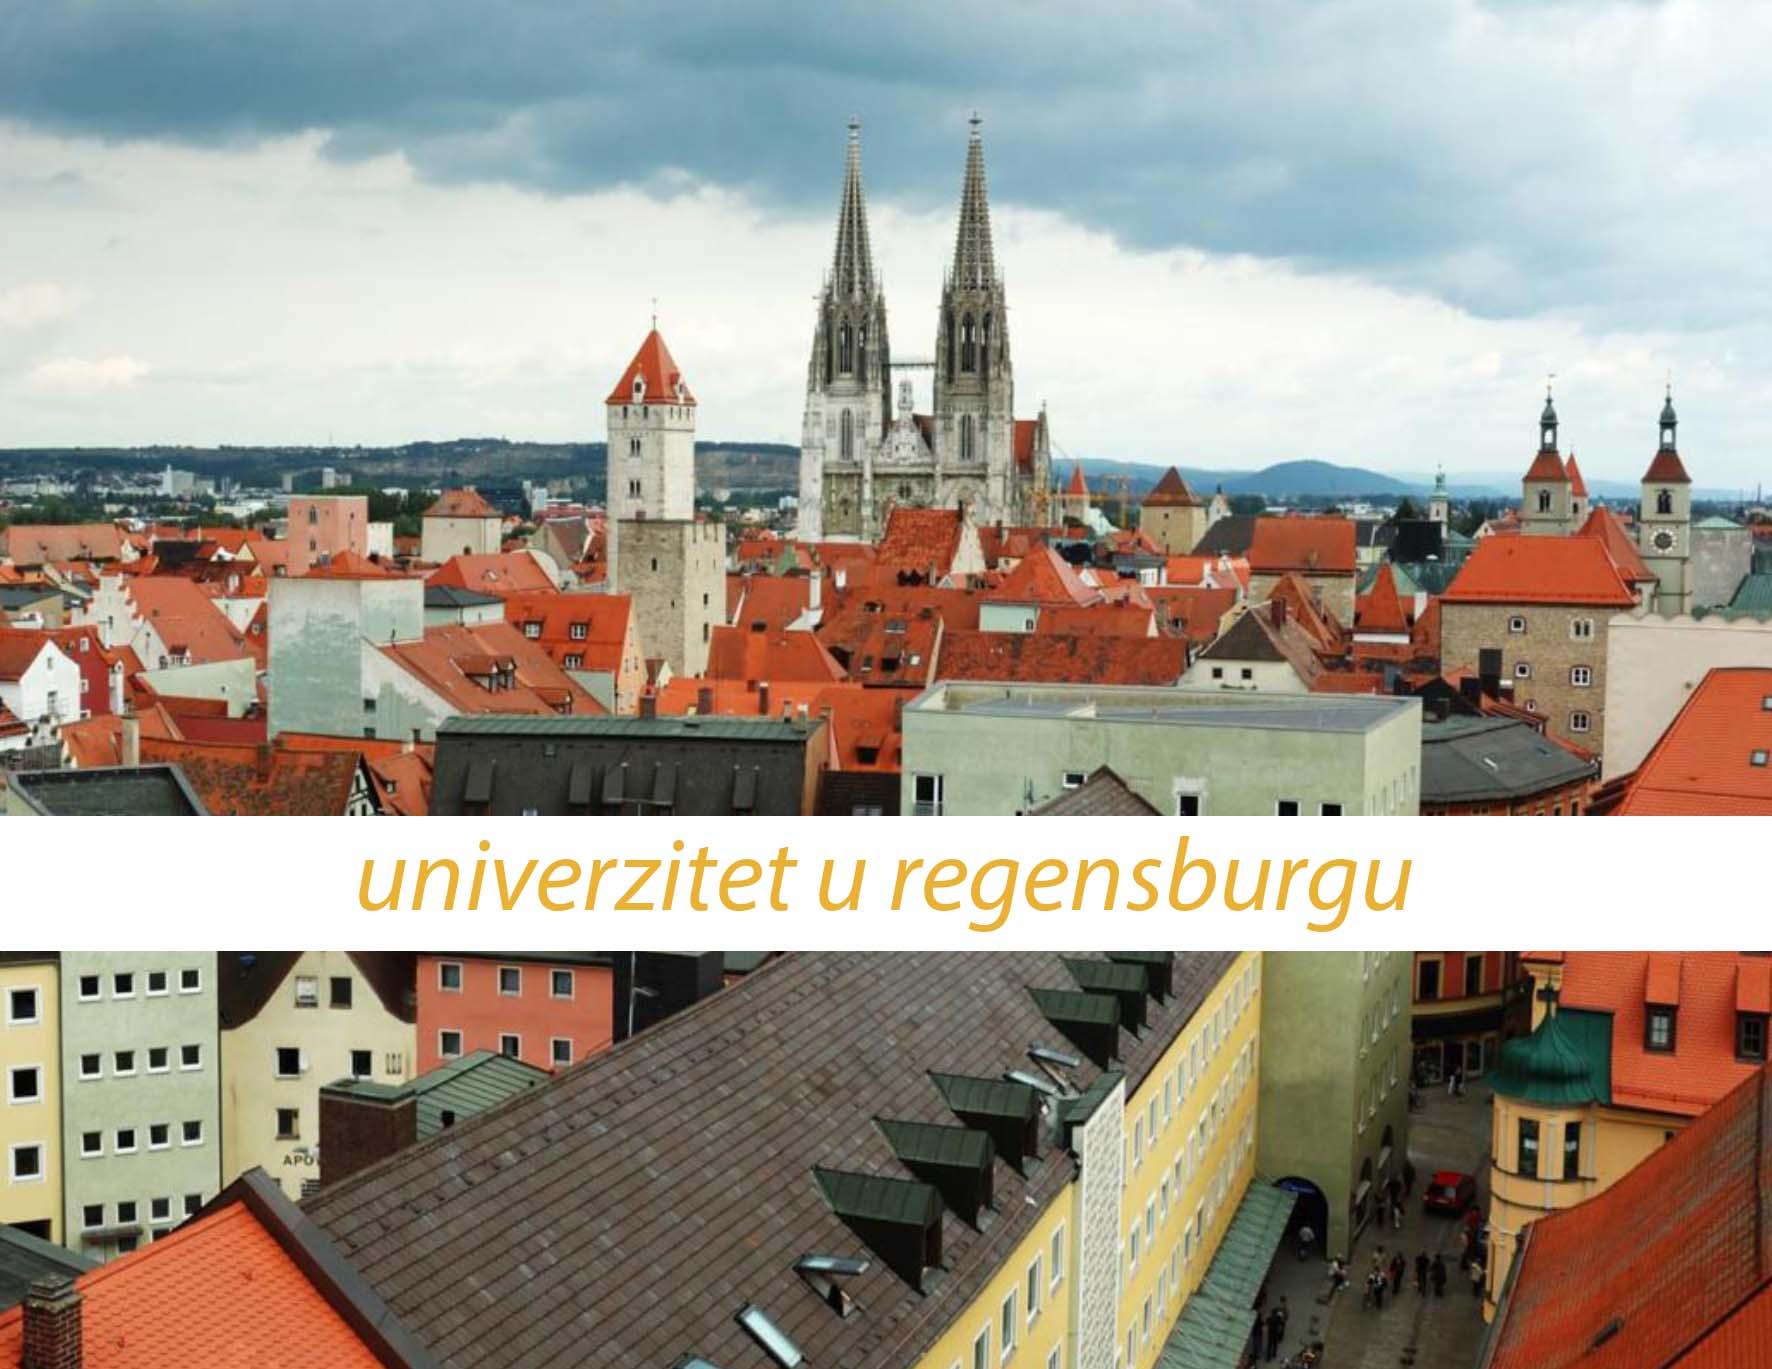 Postdoktorat na Univerzitetu u Regensburgu